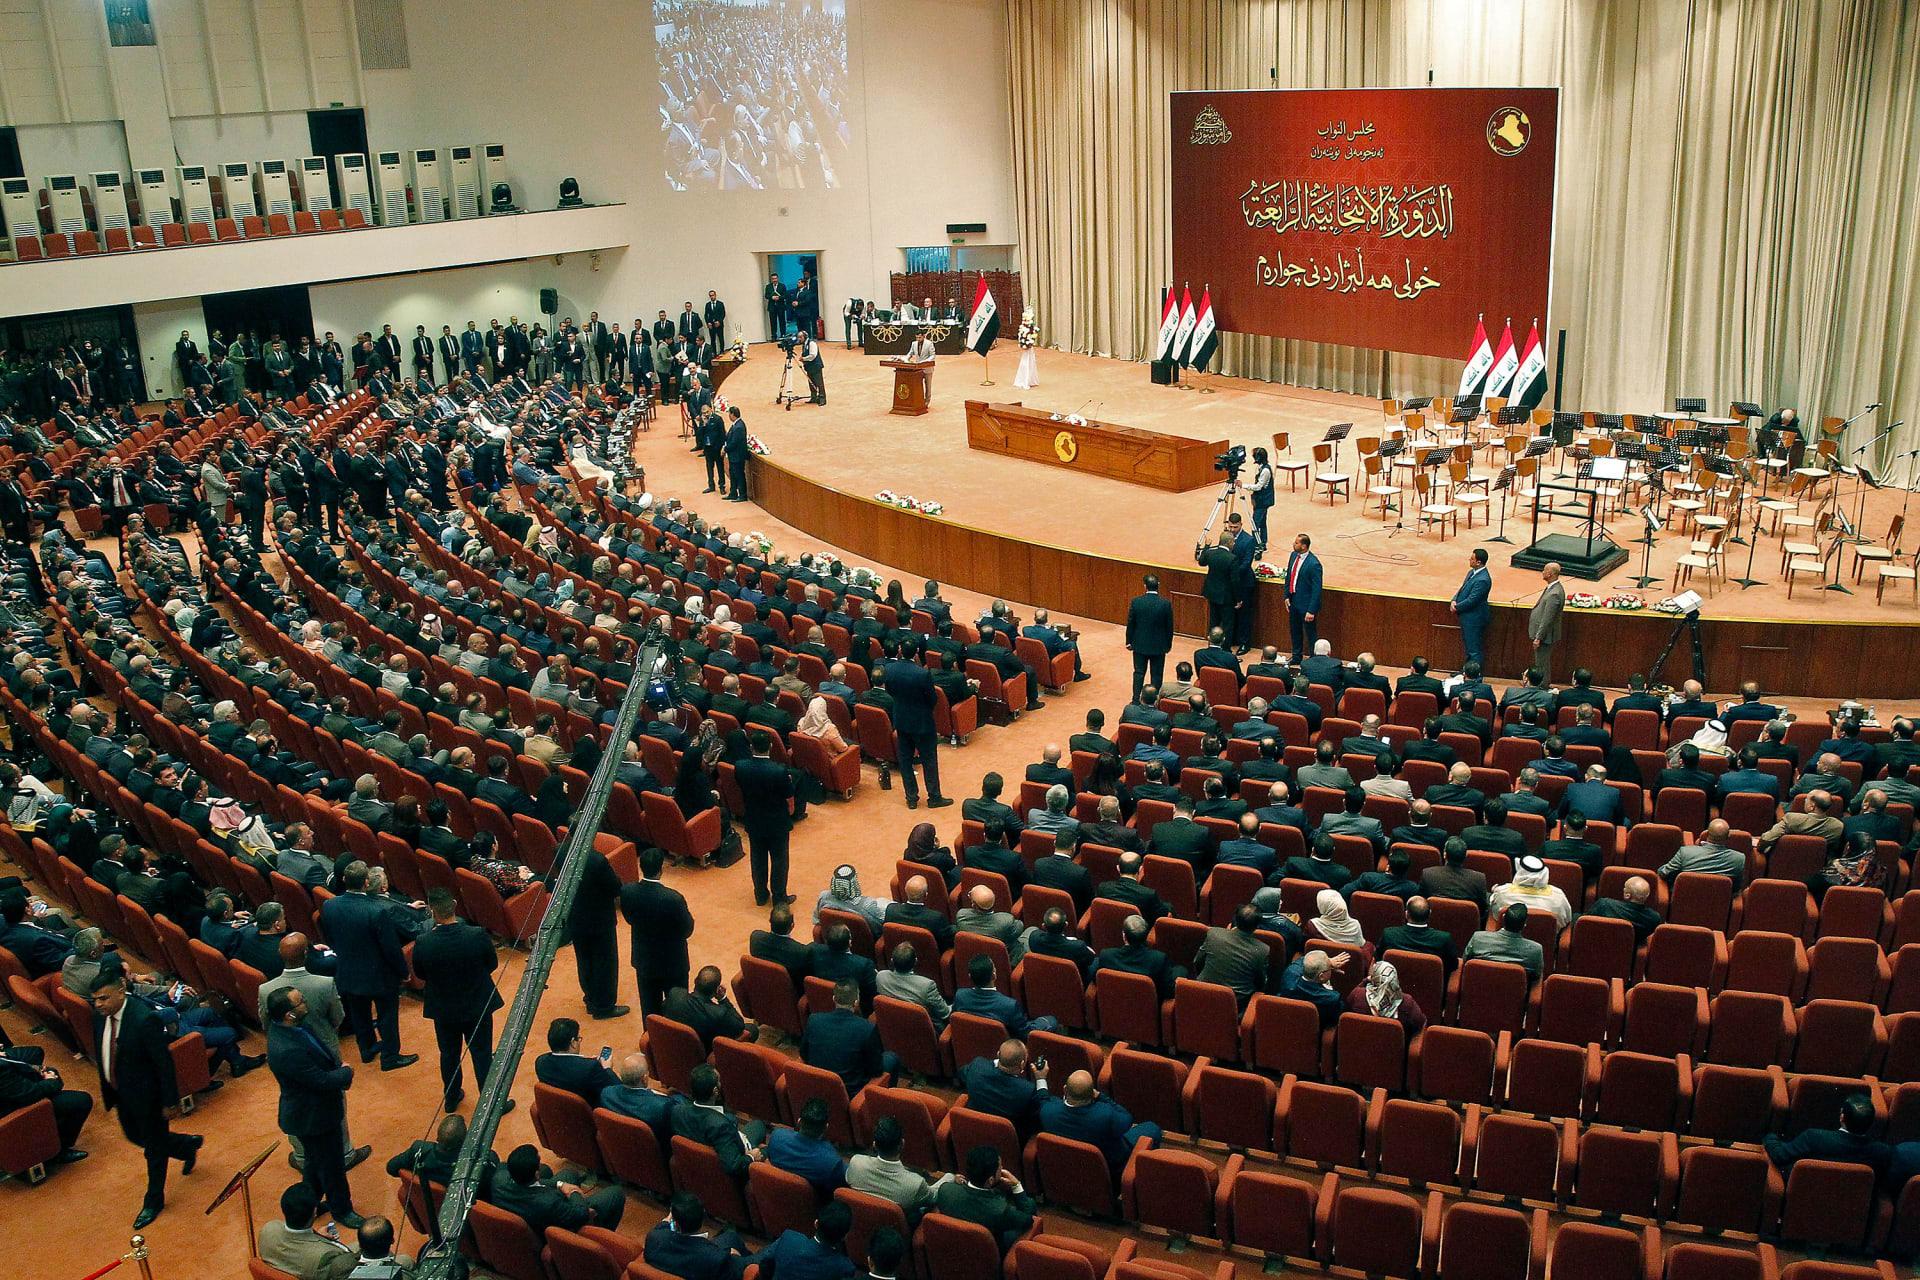 البرلمان العراقي يقر موازنة 2019 بعجز 19 مليار دولار